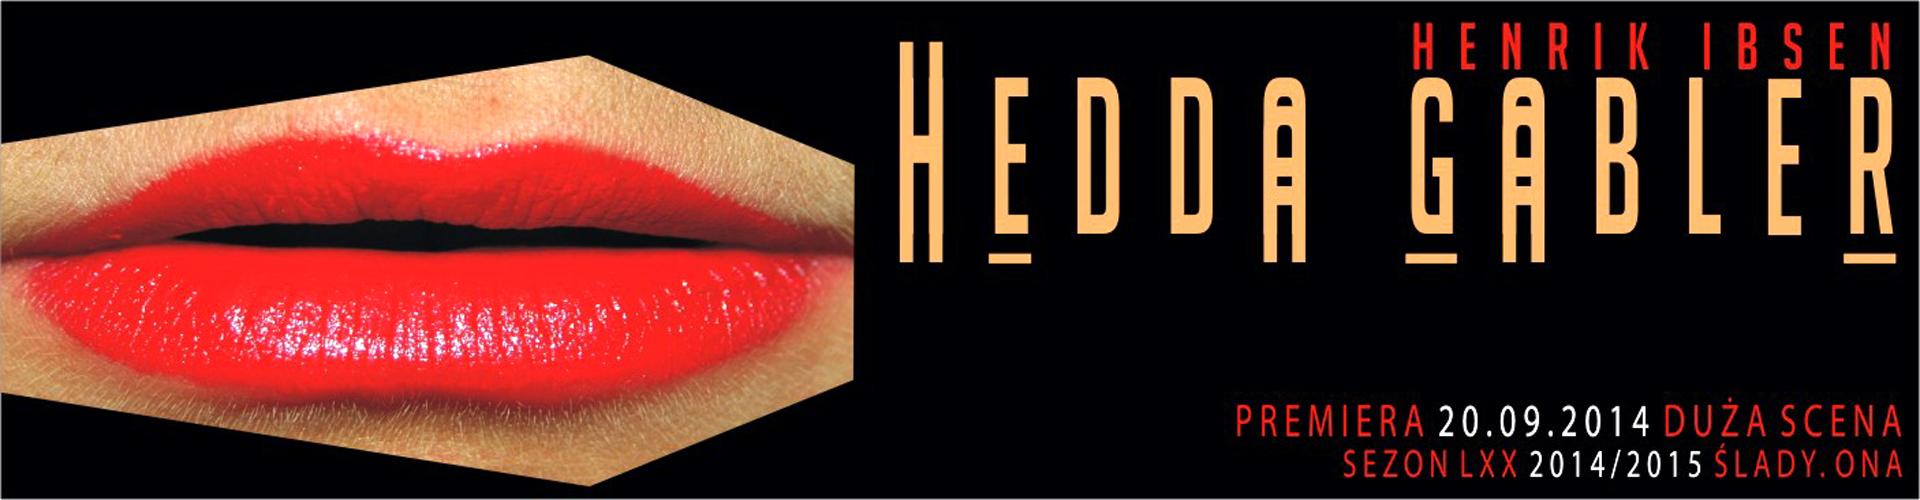 """Zapraszamy na spektakl! """"Hedda Gabler"""" w reżyserii Kaczmarka!"""